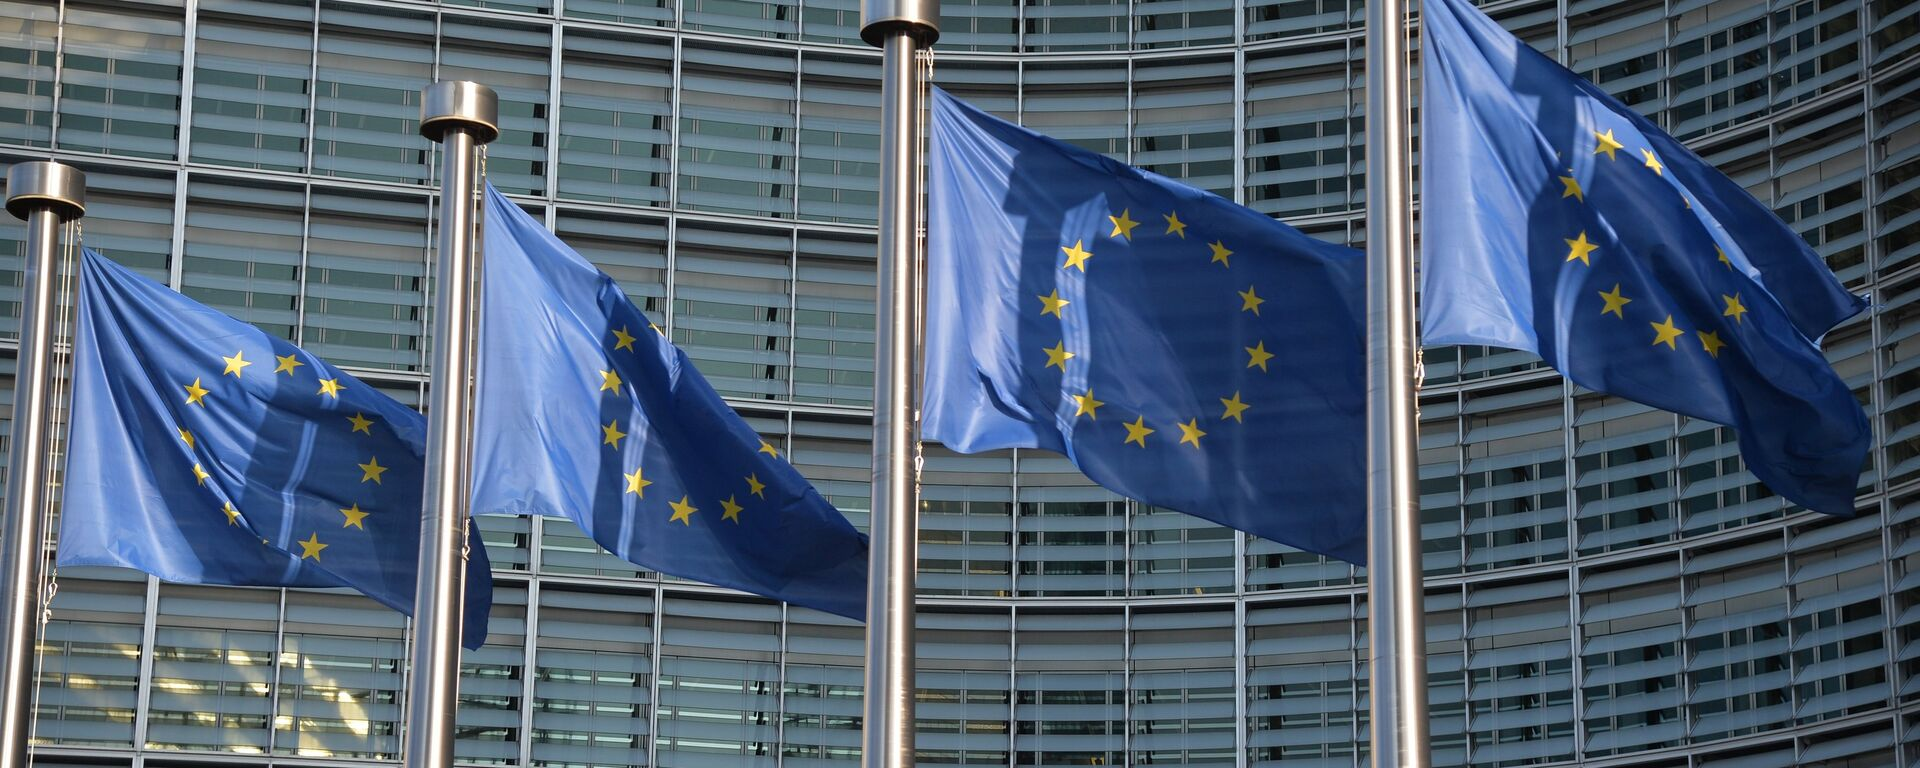 Banderas de la UE - Sputnik Mundo, 1920, 30.09.2021